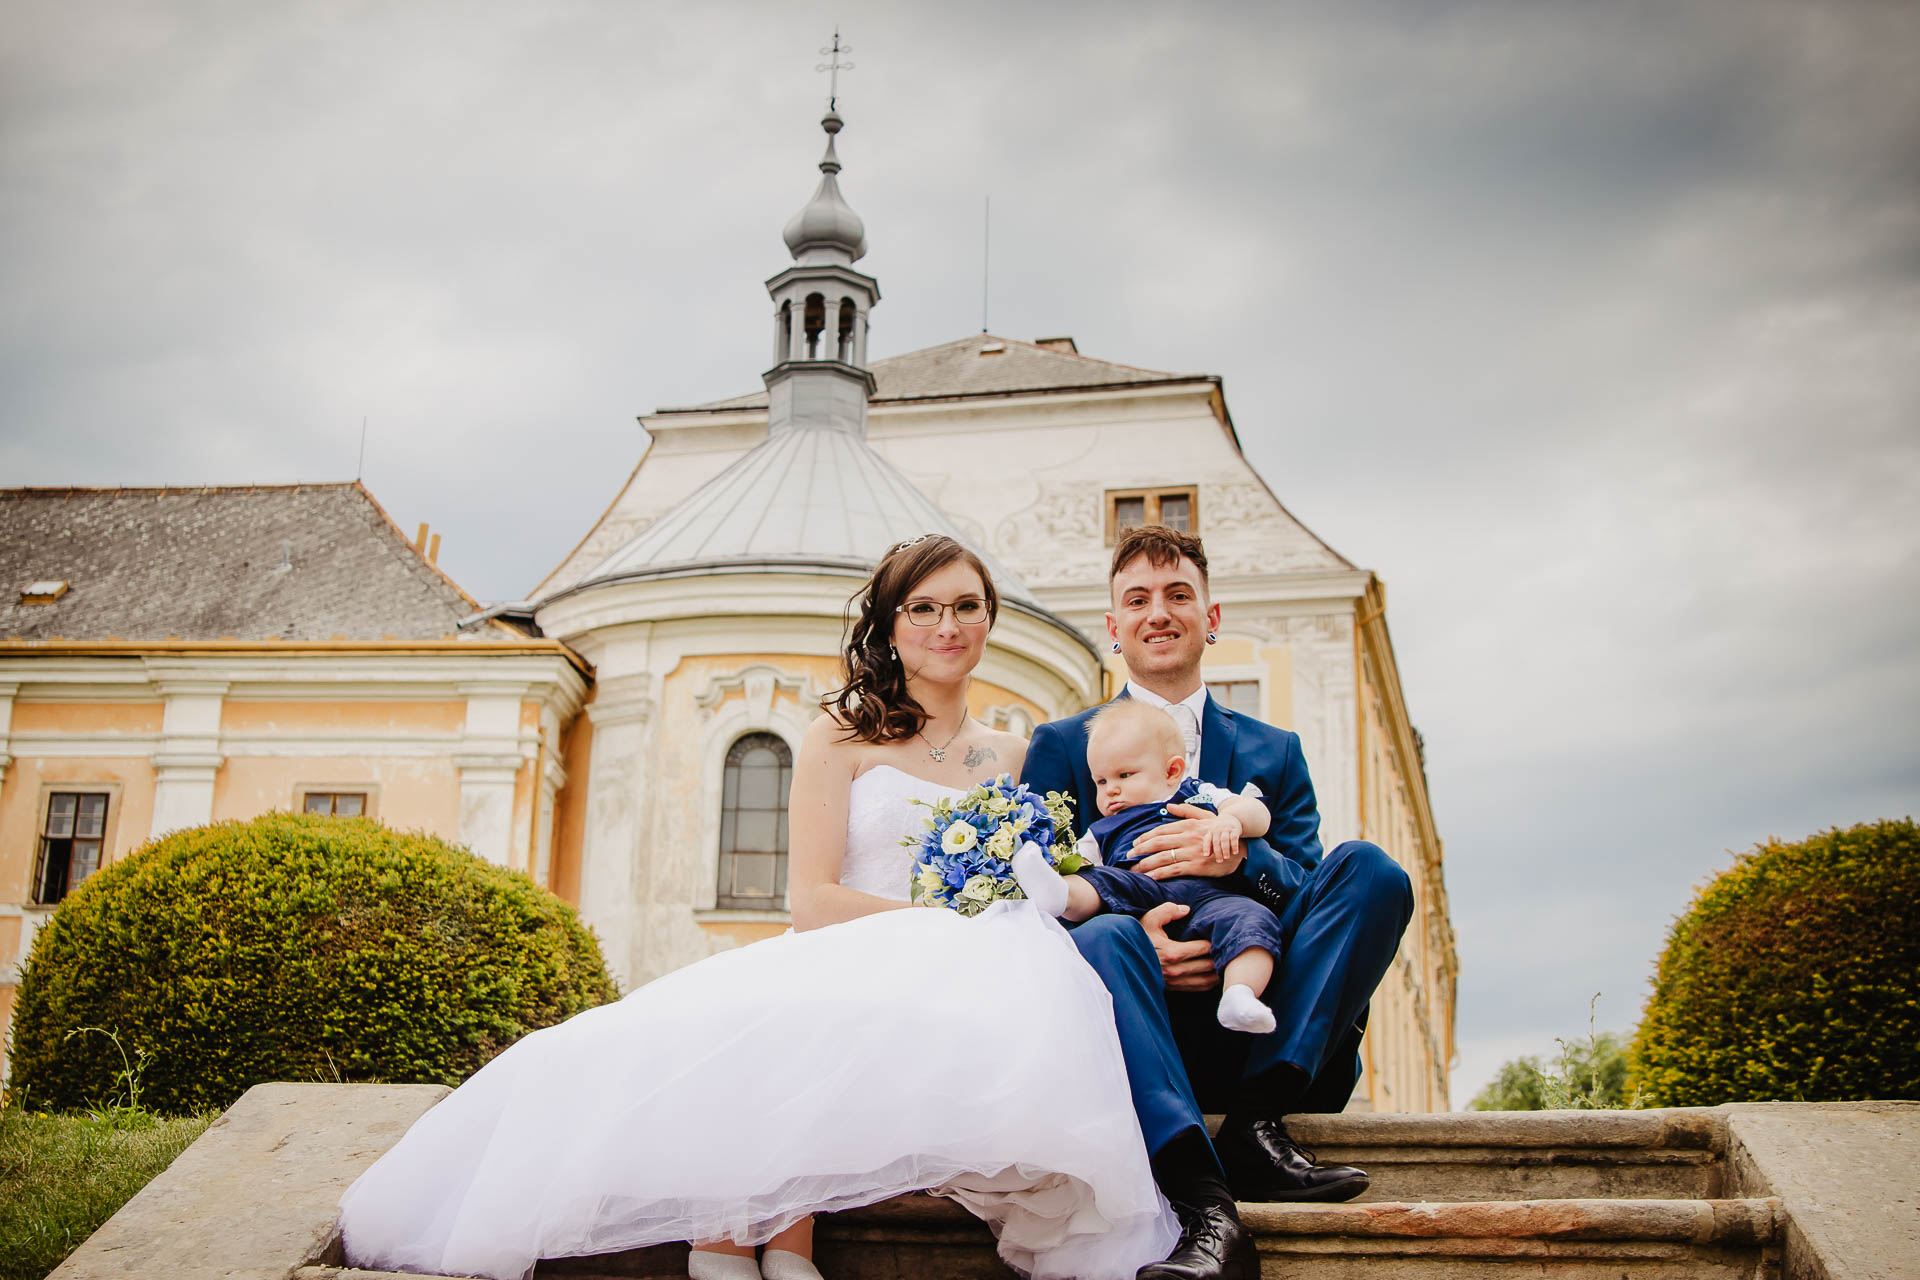 příprava-svatebního-obřadu-Lysá-nad-Labem-svatební-agentura-Svatbavenku-7301